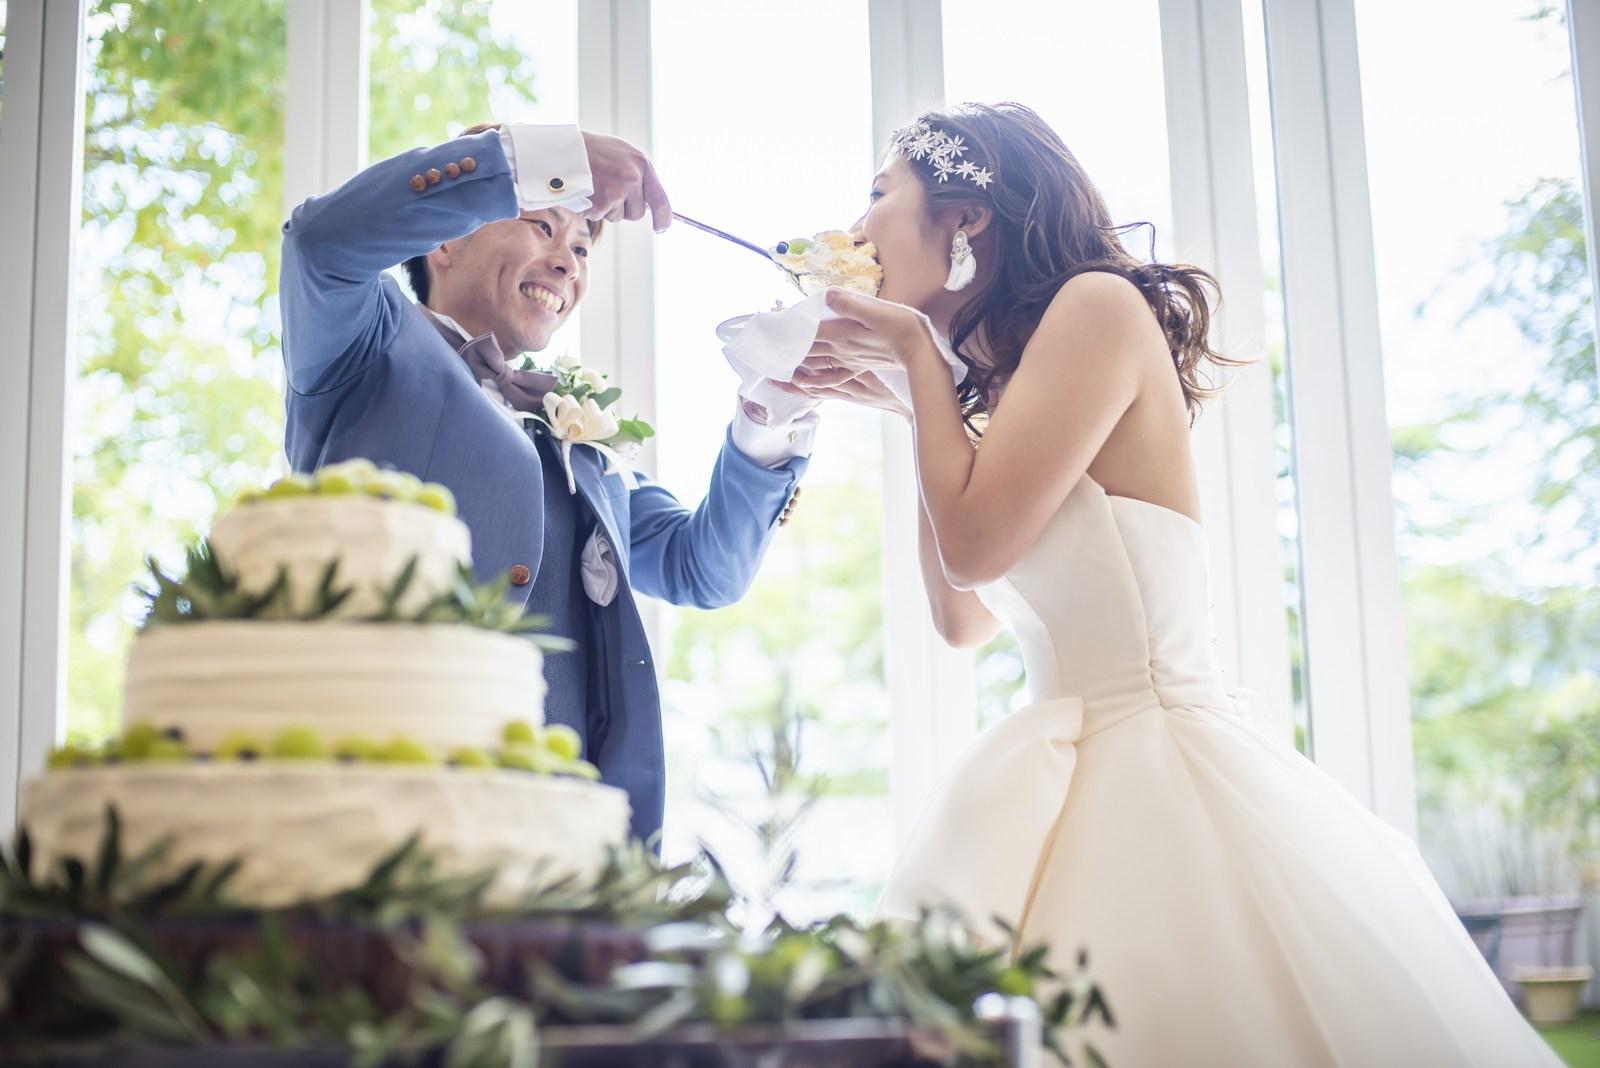 香川県の結婚式場シェルエメール&アイスタイルのファーストバイト